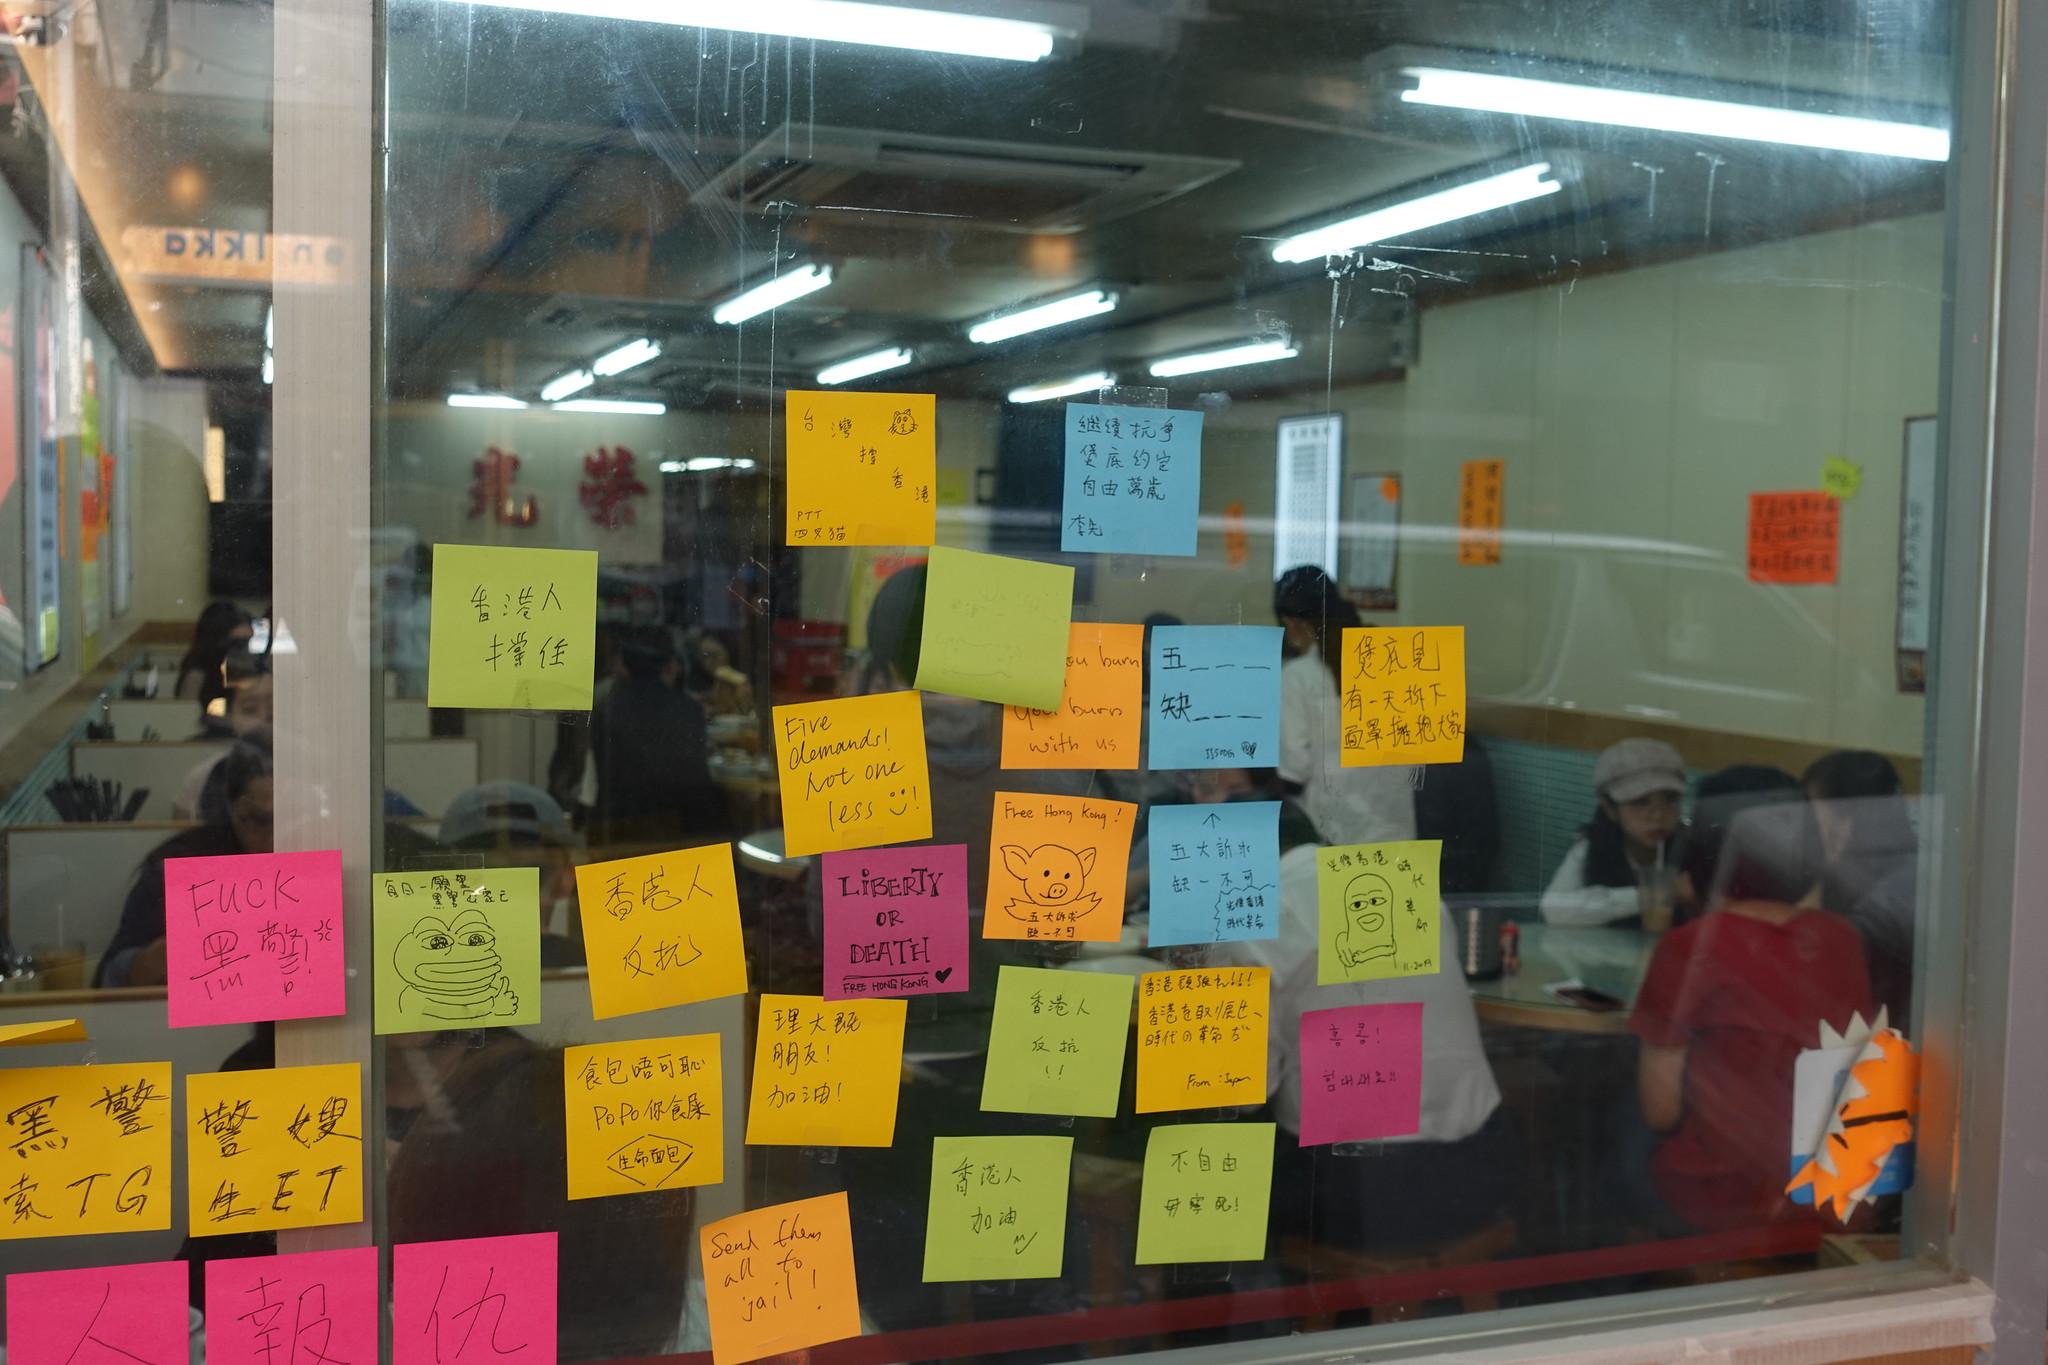 一家支持運動的冰室外貼滿示威者留下的字條。(攝影:張智琦)